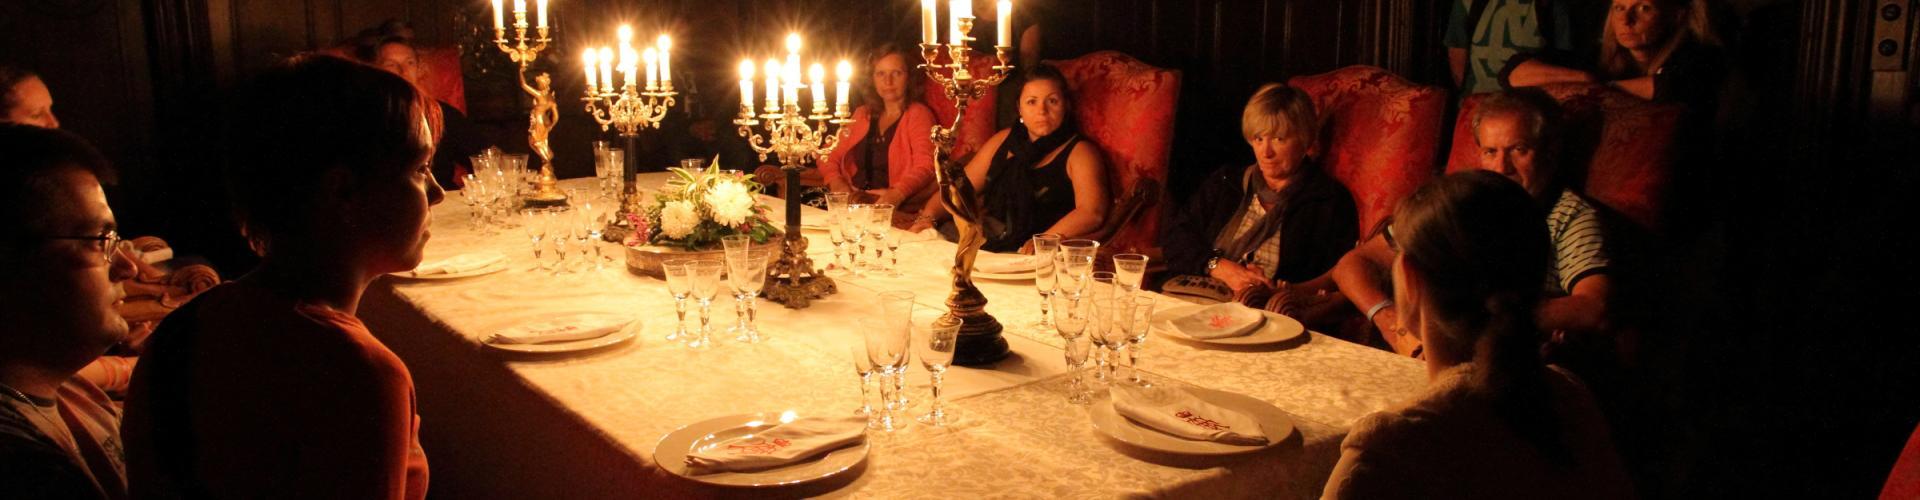 Noční prohlídky zámku s možností romantické večeře a zámeckého ubytování